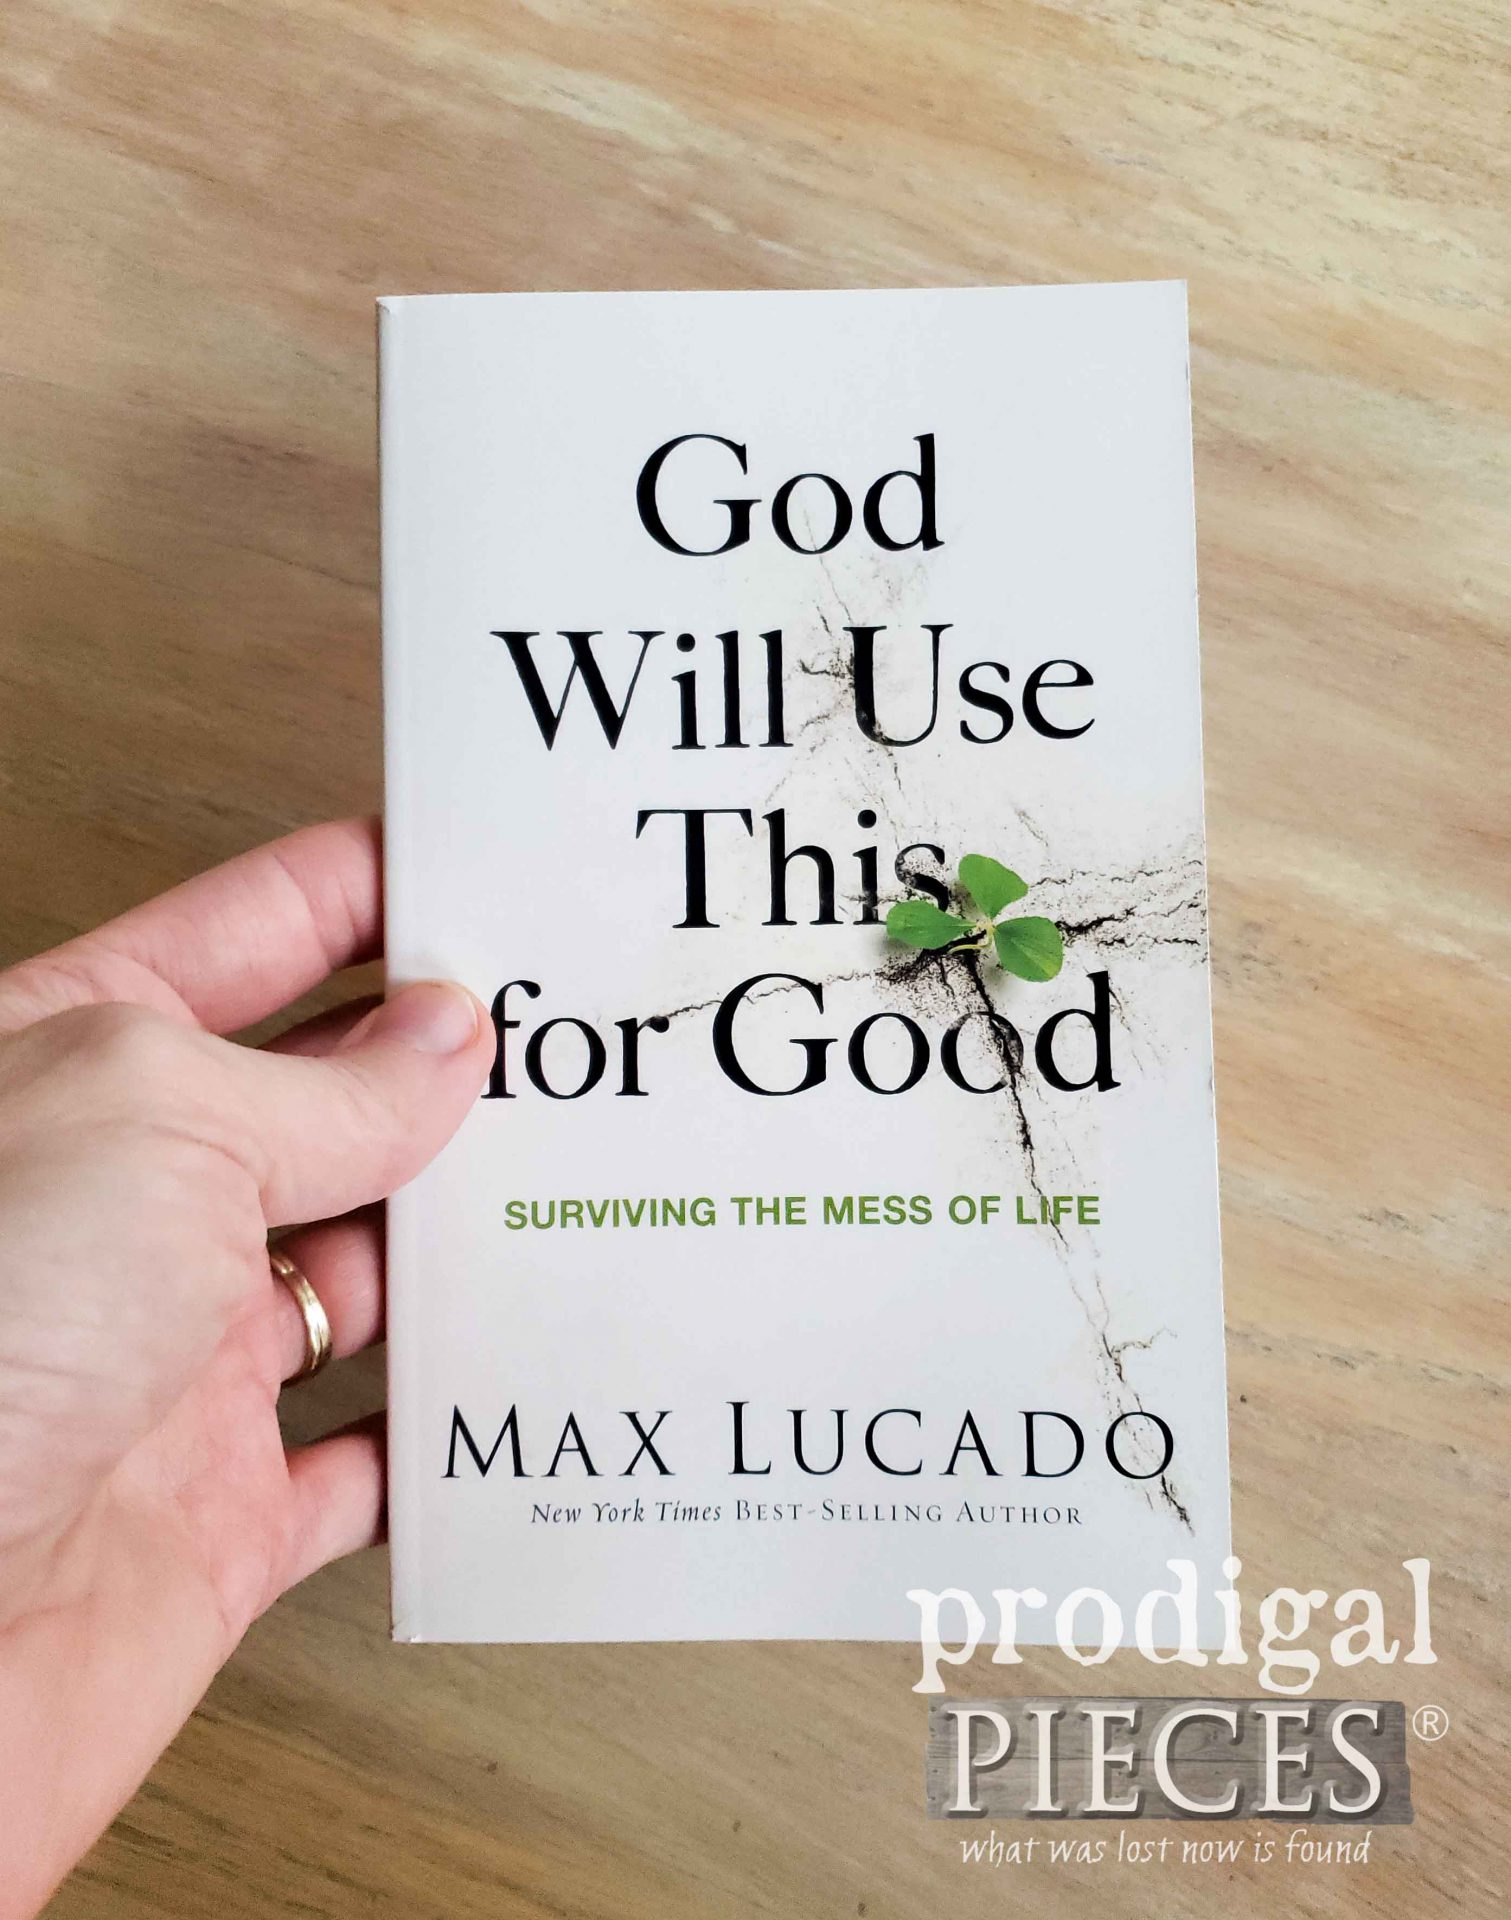 Free Max Lucado Book for Those Needing a Hug | prodigalpieces.com